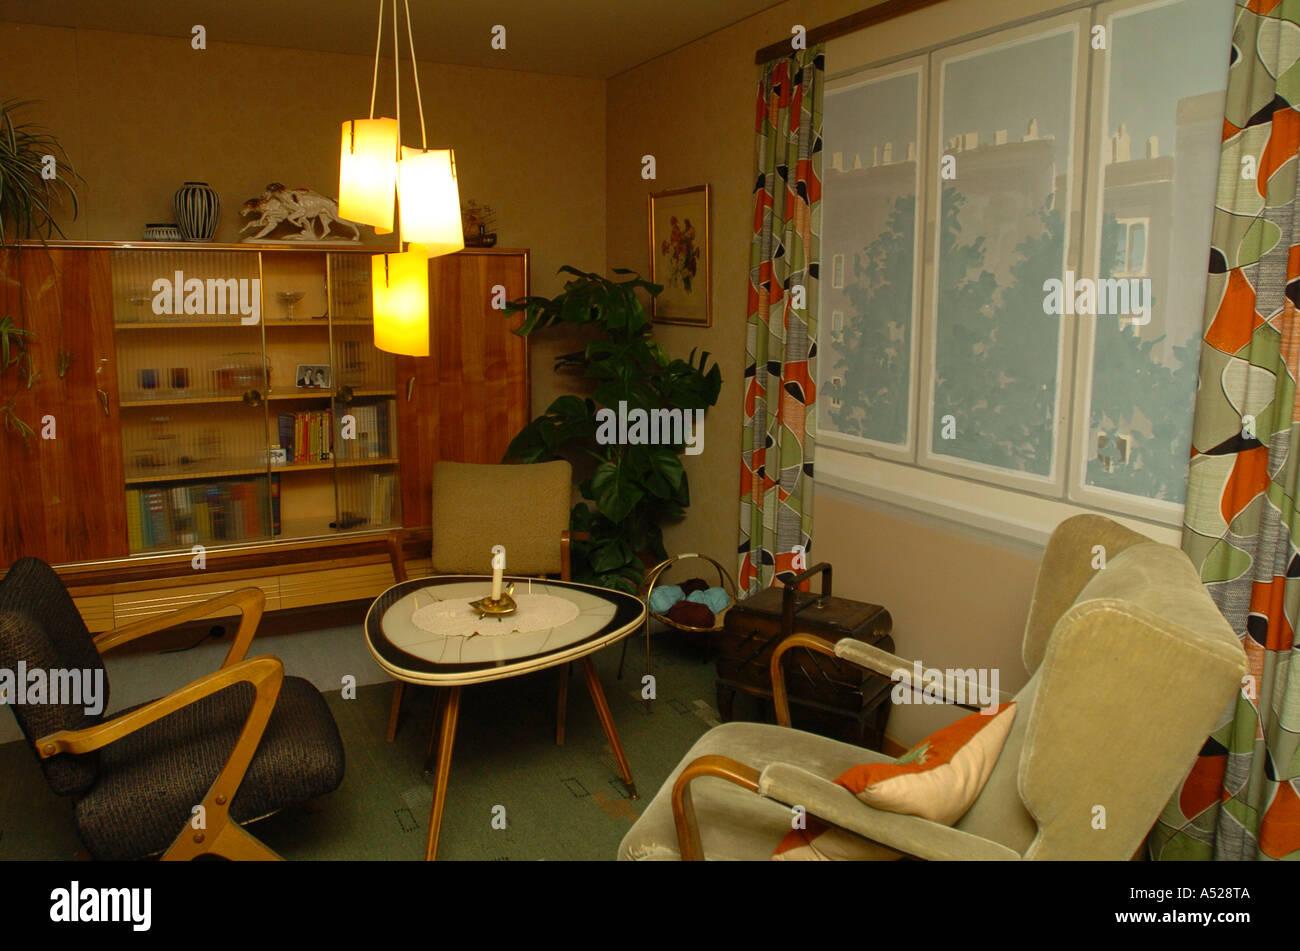 wohnung im 50er jahre stil wohnzimmer stockfoto bild 6384777 alamy. Black Bedroom Furniture Sets. Home Design Ideas